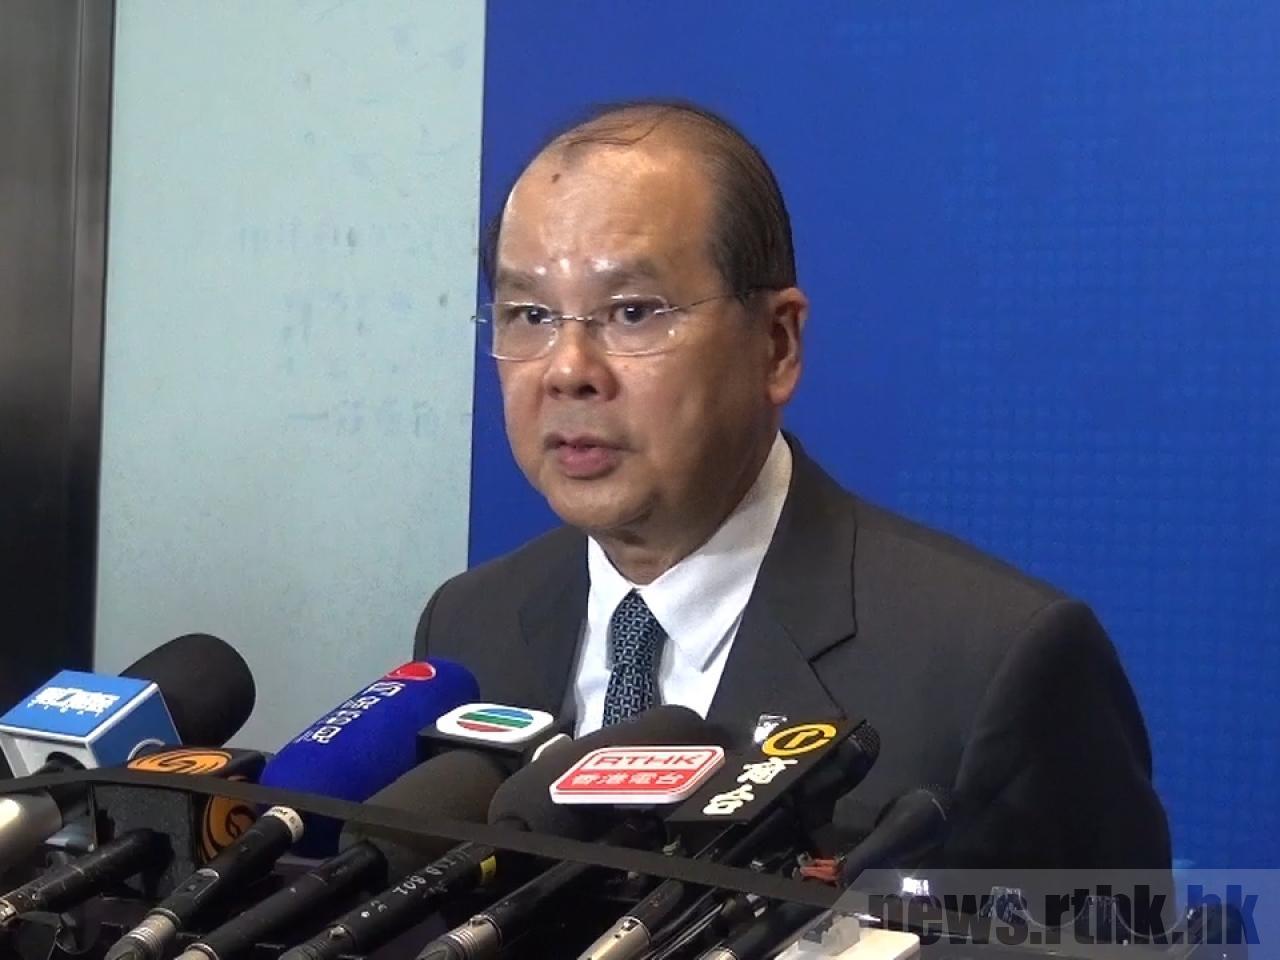 張建宗說政府絕對關注沙中綫超支問題,正等待港鐵提交進一步數據。(香港電台)